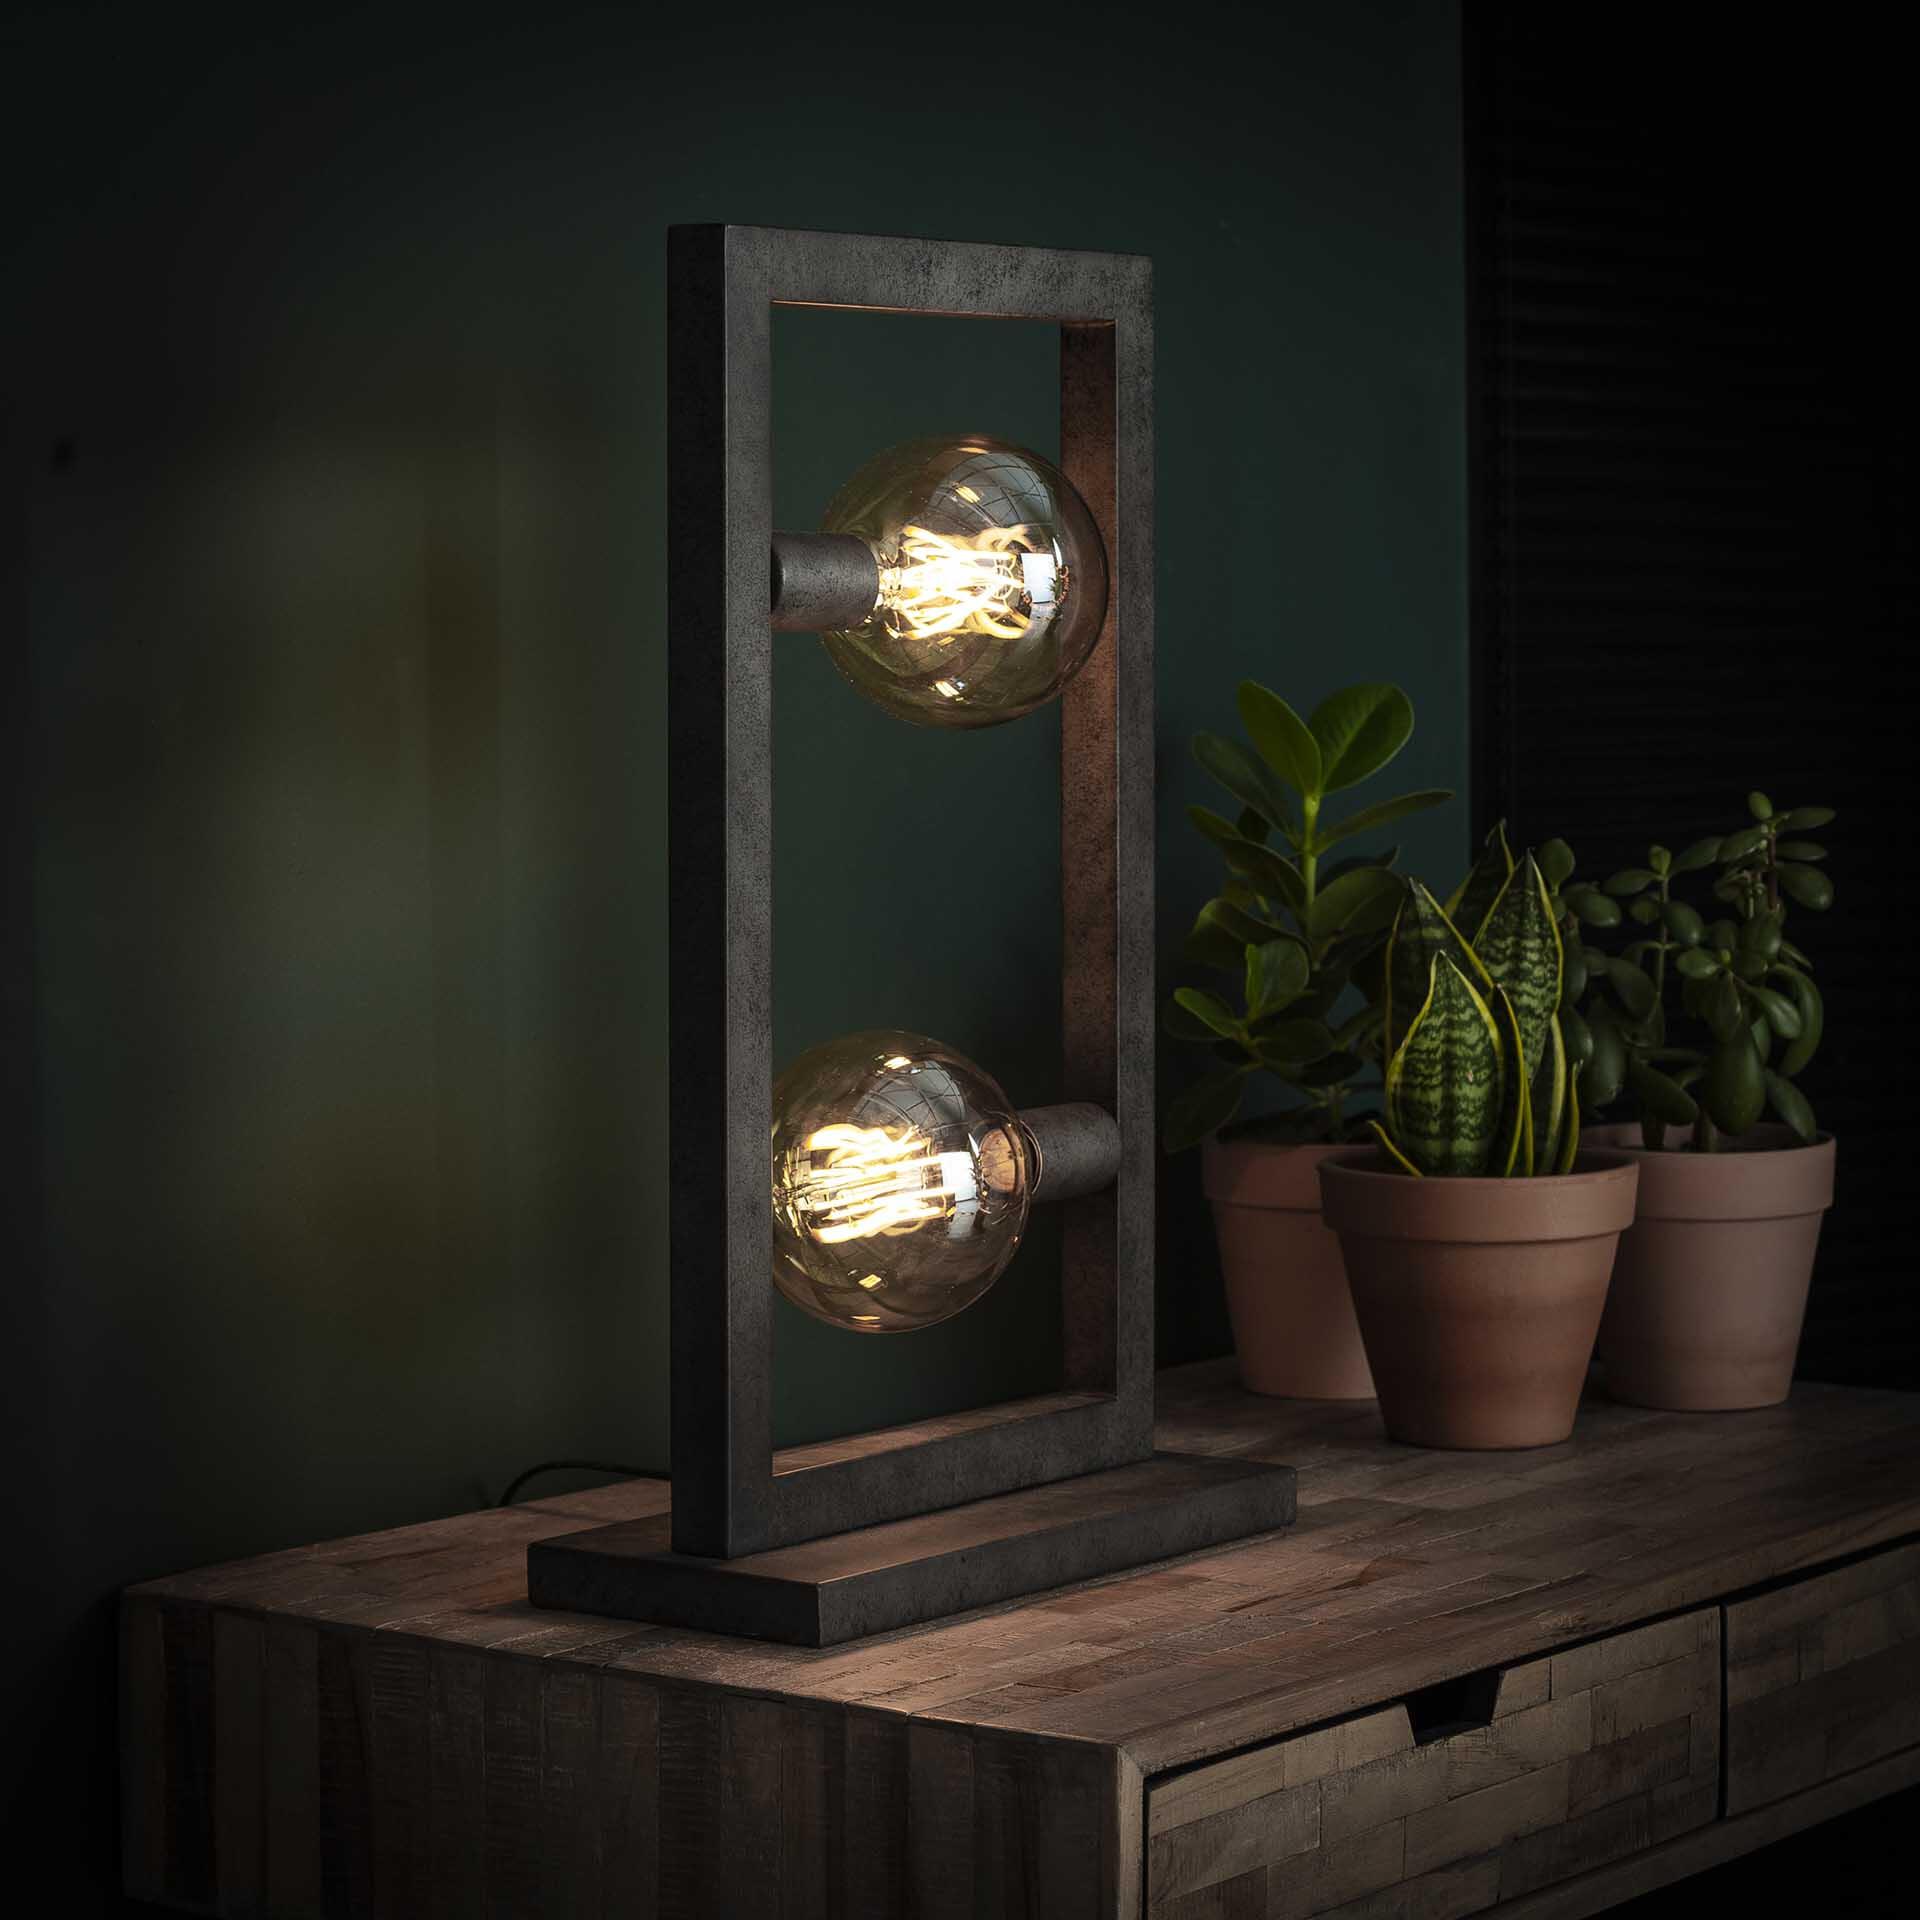 Tafellamp 'Allan' 2-lamps, 55cm hoog